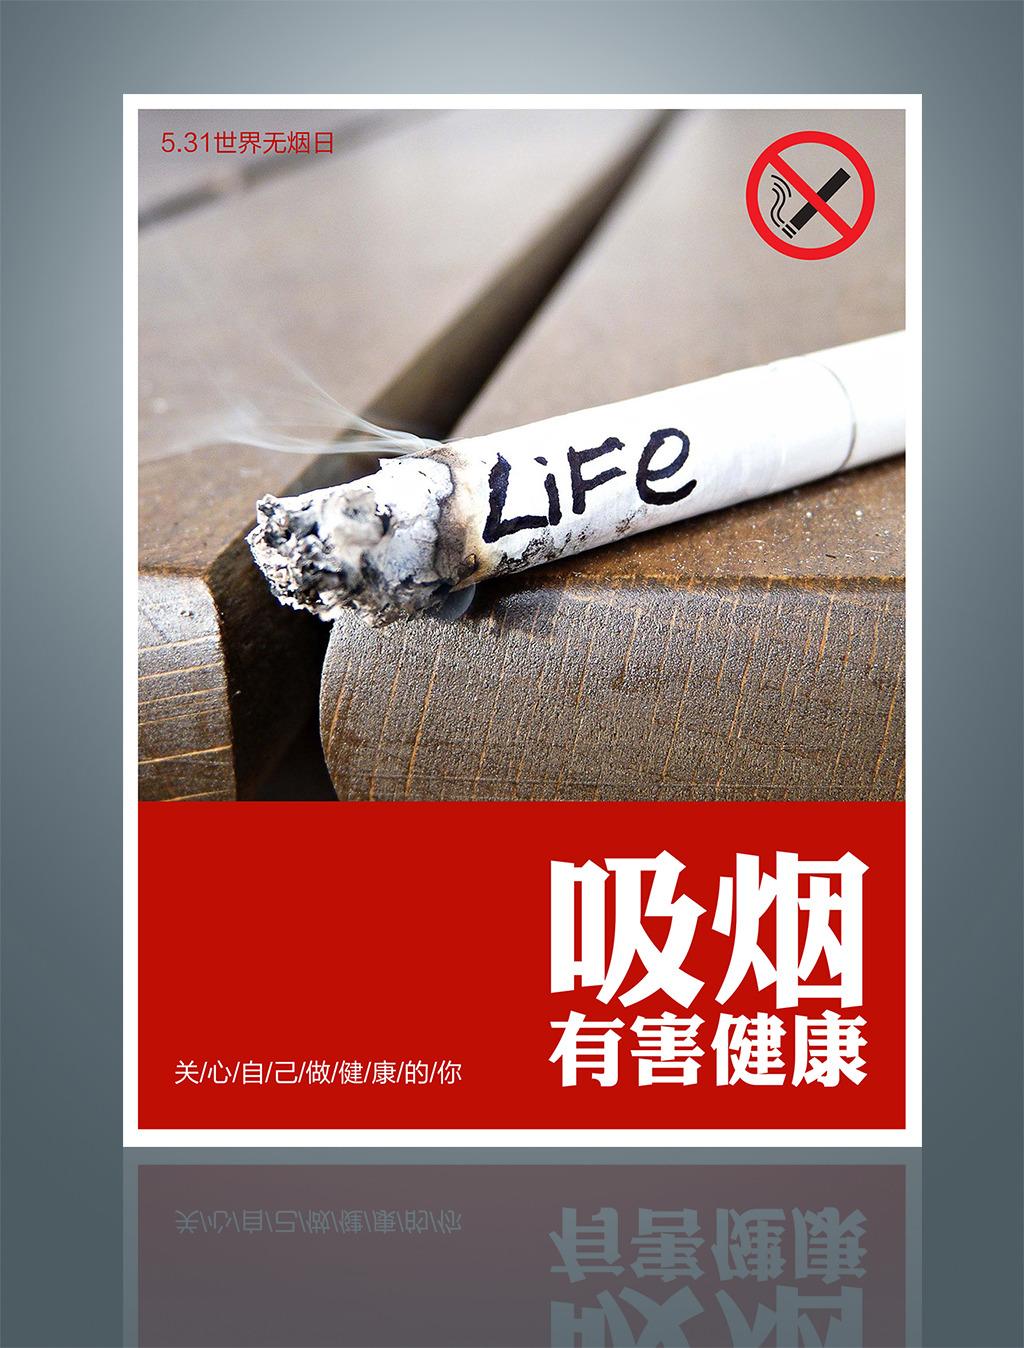 禁烟海报设计模板下载 禁烟海报设计图片下载 禁烟海报设计 香烟 吸烟